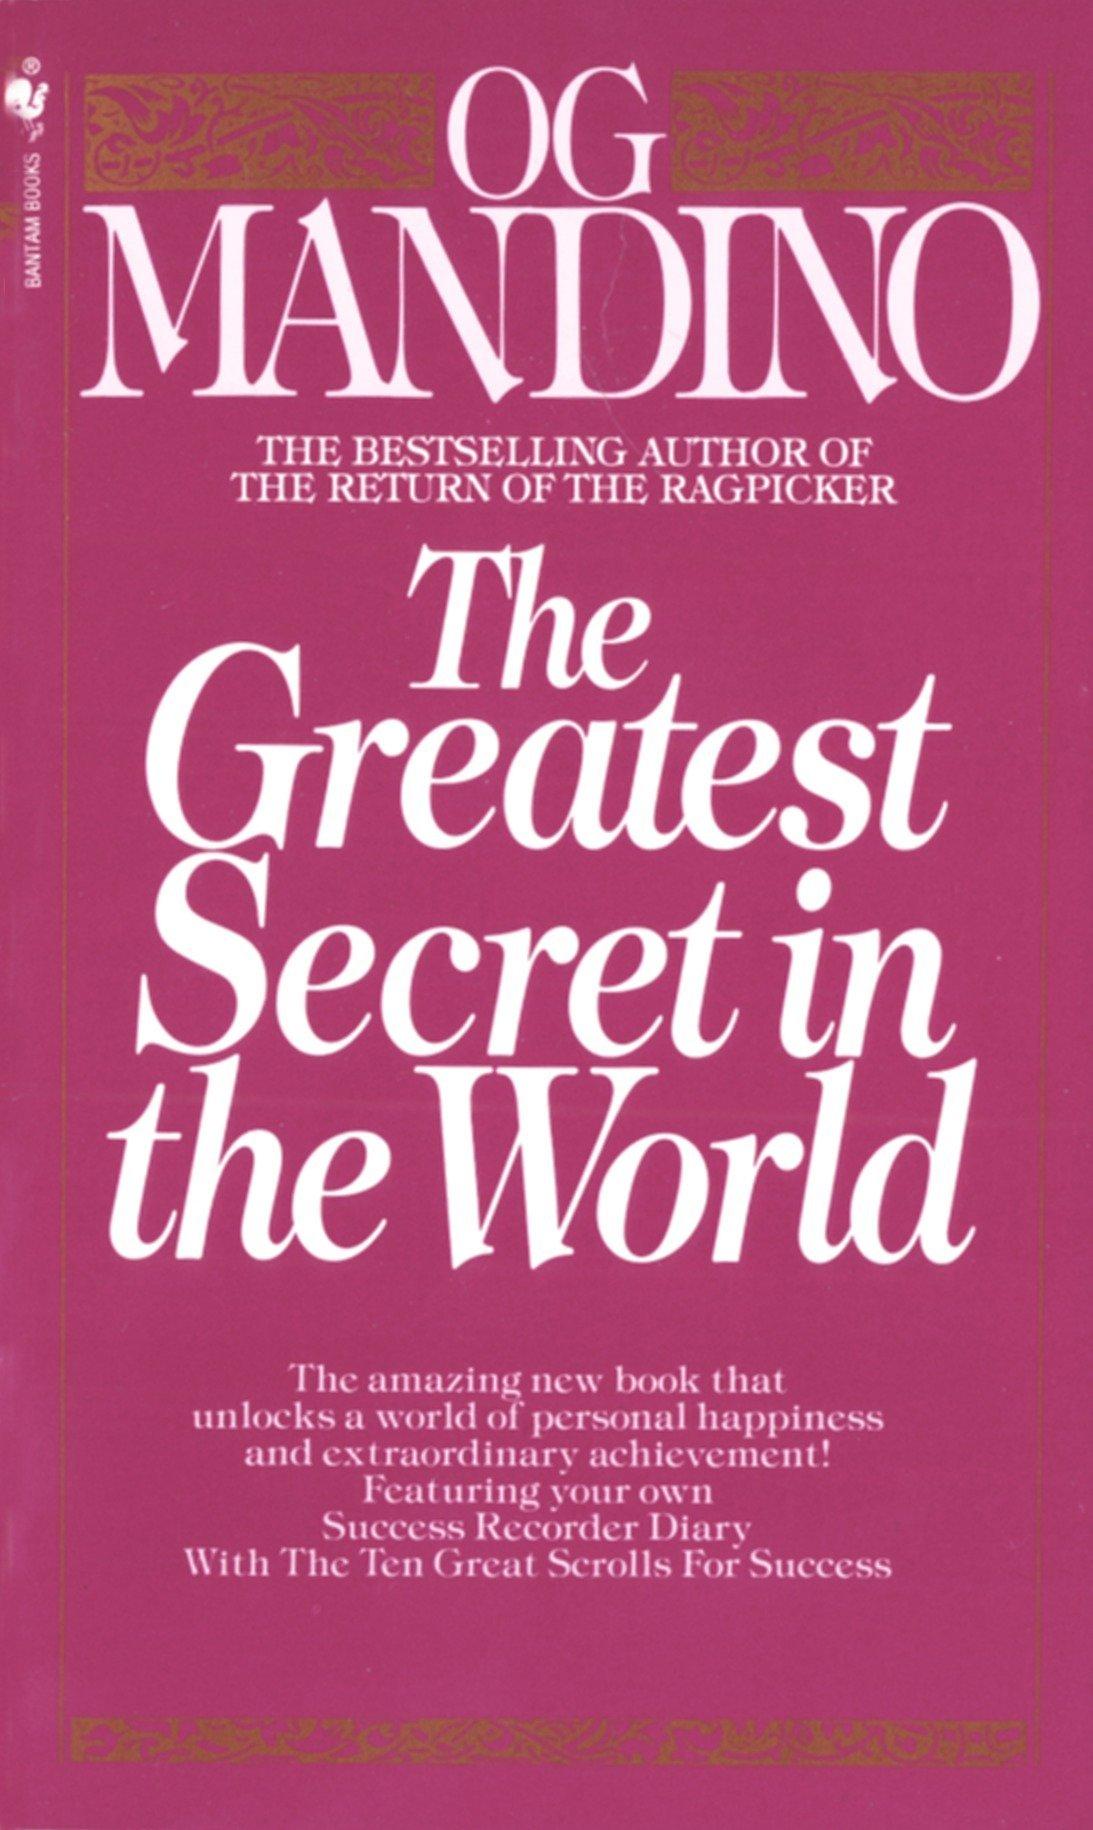 The Greatest Secret in the World Og Mandino Amazon